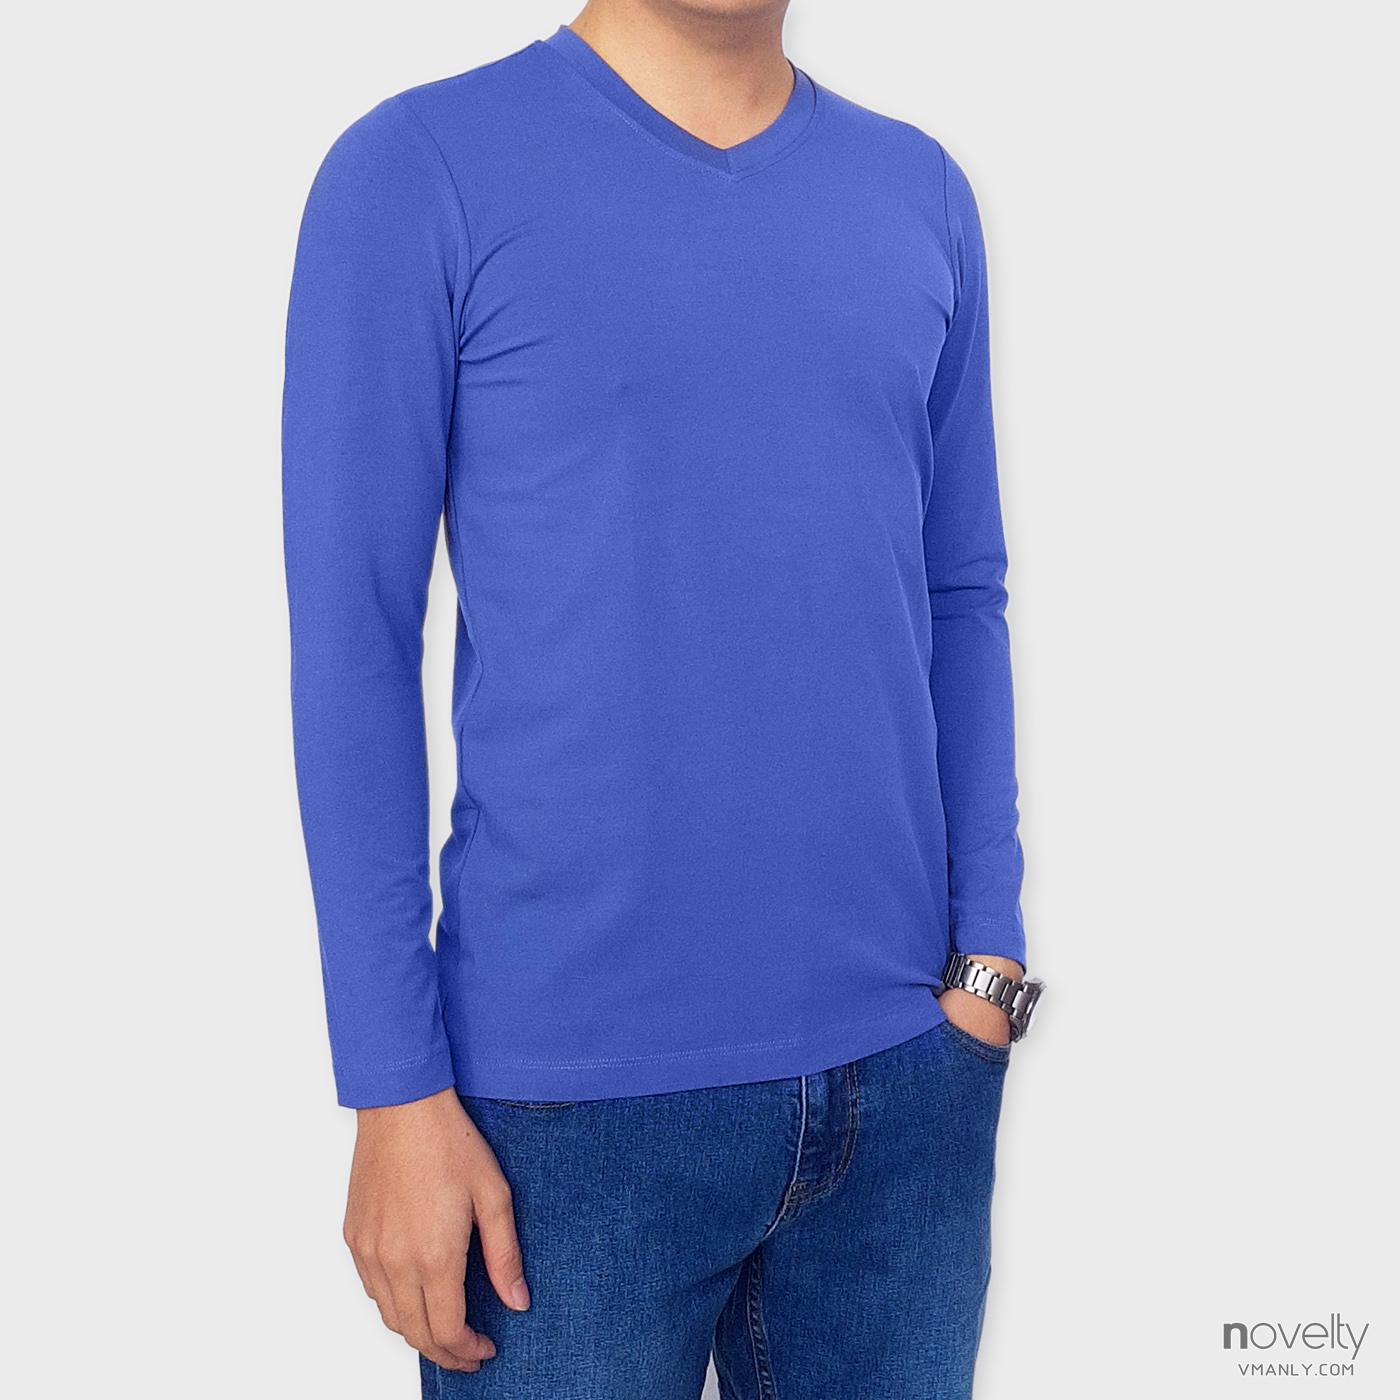 Áo thun dài tay - áo giữ nhiệt Novelty cổ tim màu xanh blue 190772D